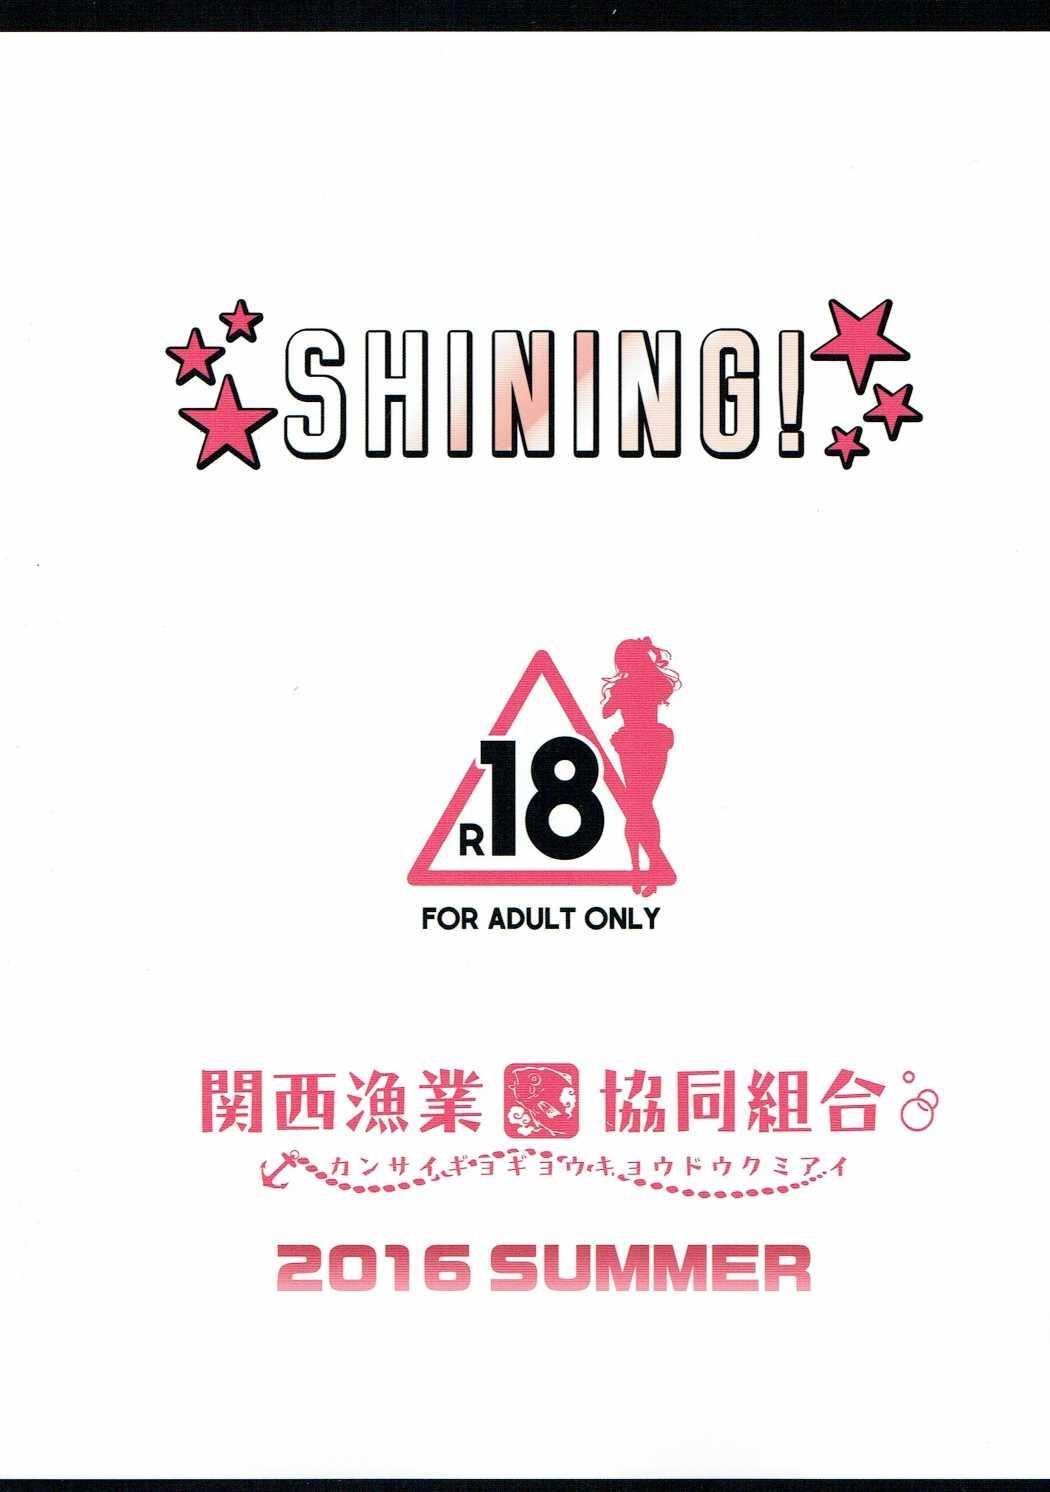 SHINING! 19